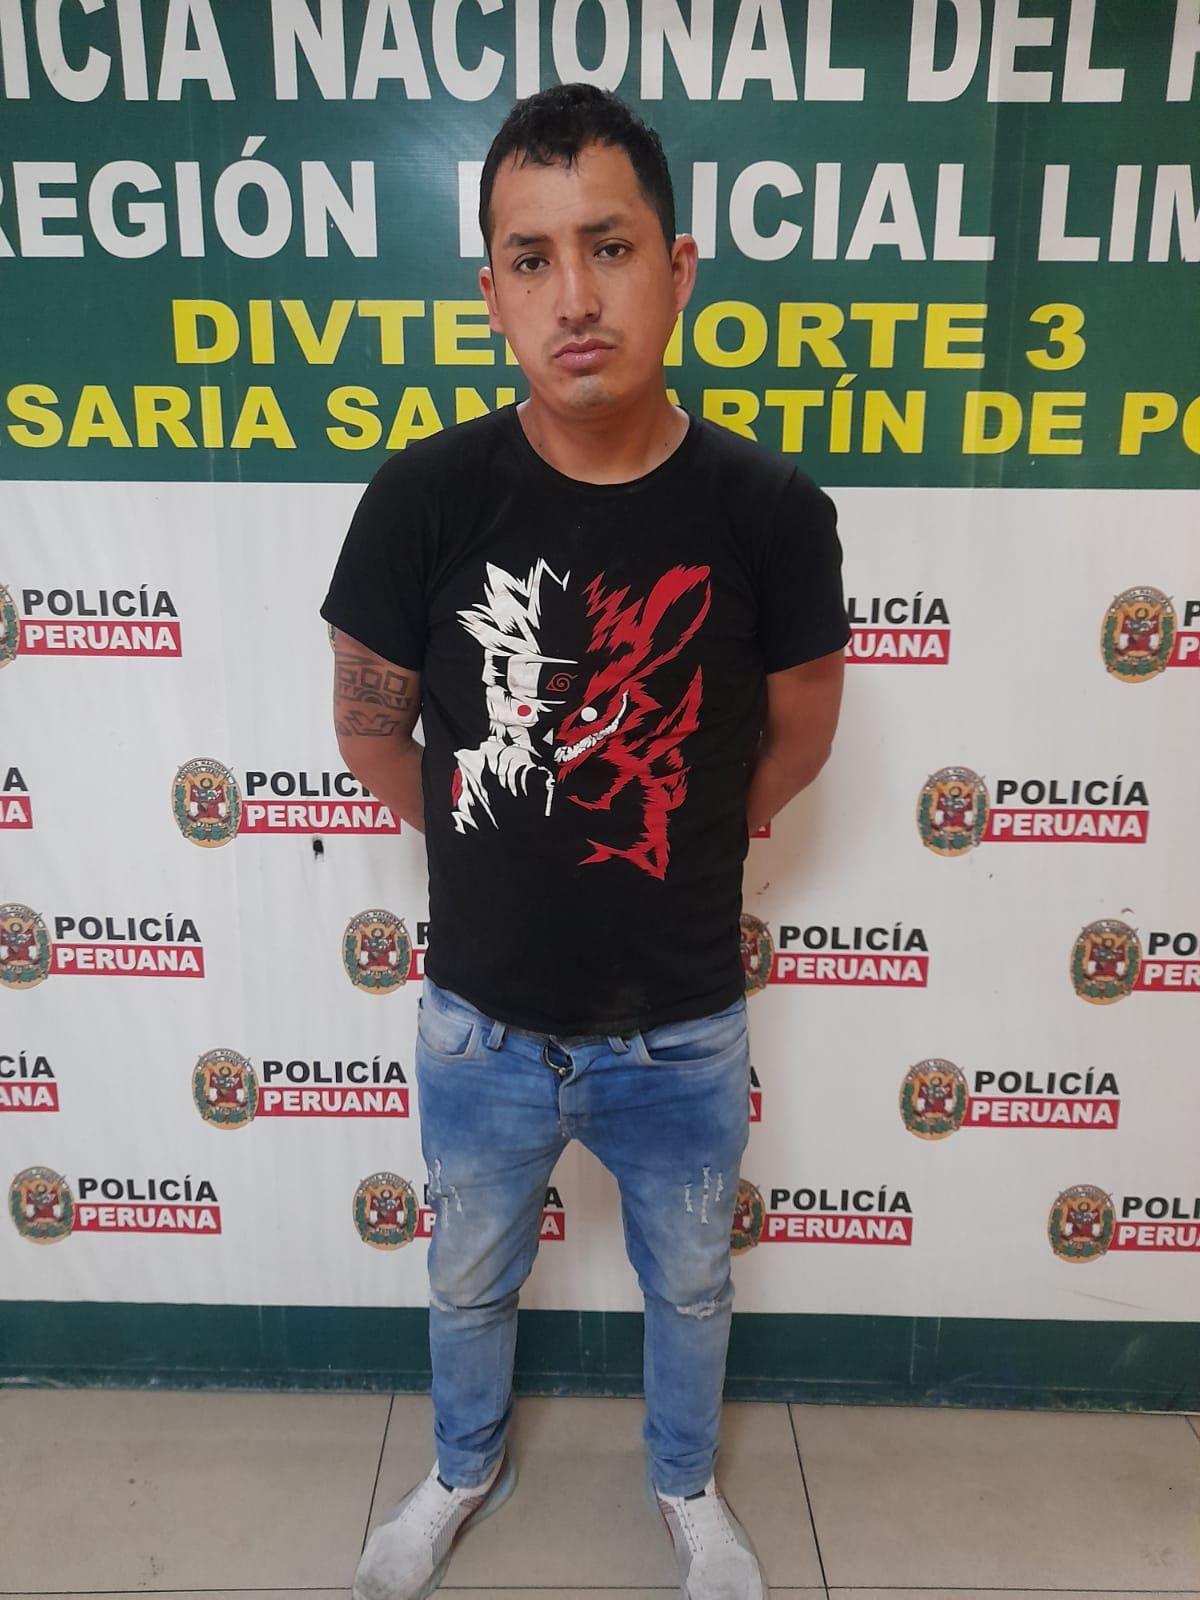 Franklin Jonathan MellishoChampi (26), requisitoriado por violación sexual en Ancash en 2018, y detenido por ultrajar a una venezolana en un hostal, escapó de la comisaría de San Martín de Porres.